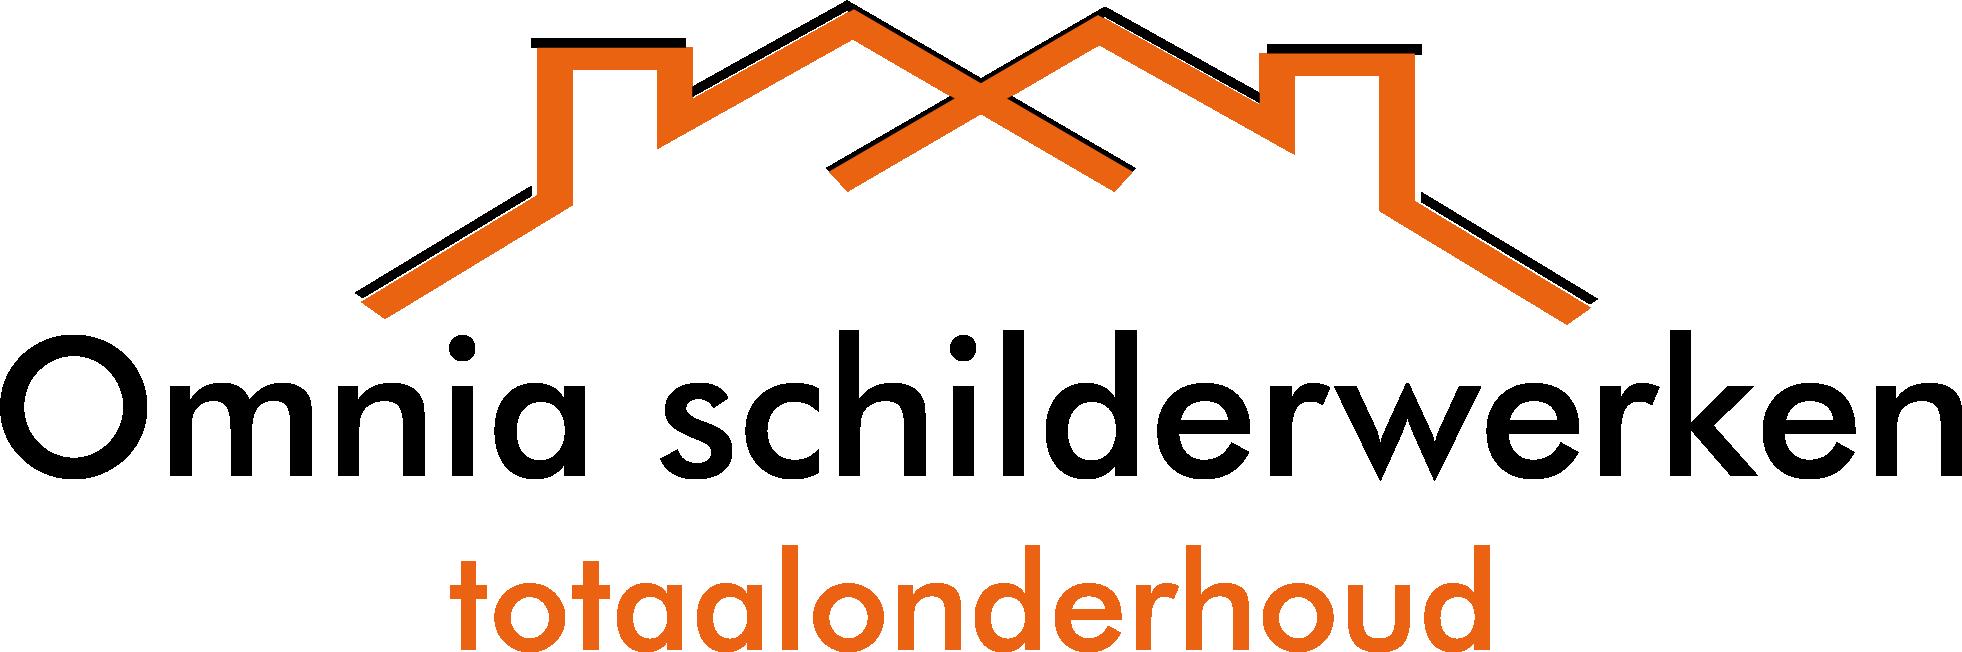 Logo Omnia Schilderwerken